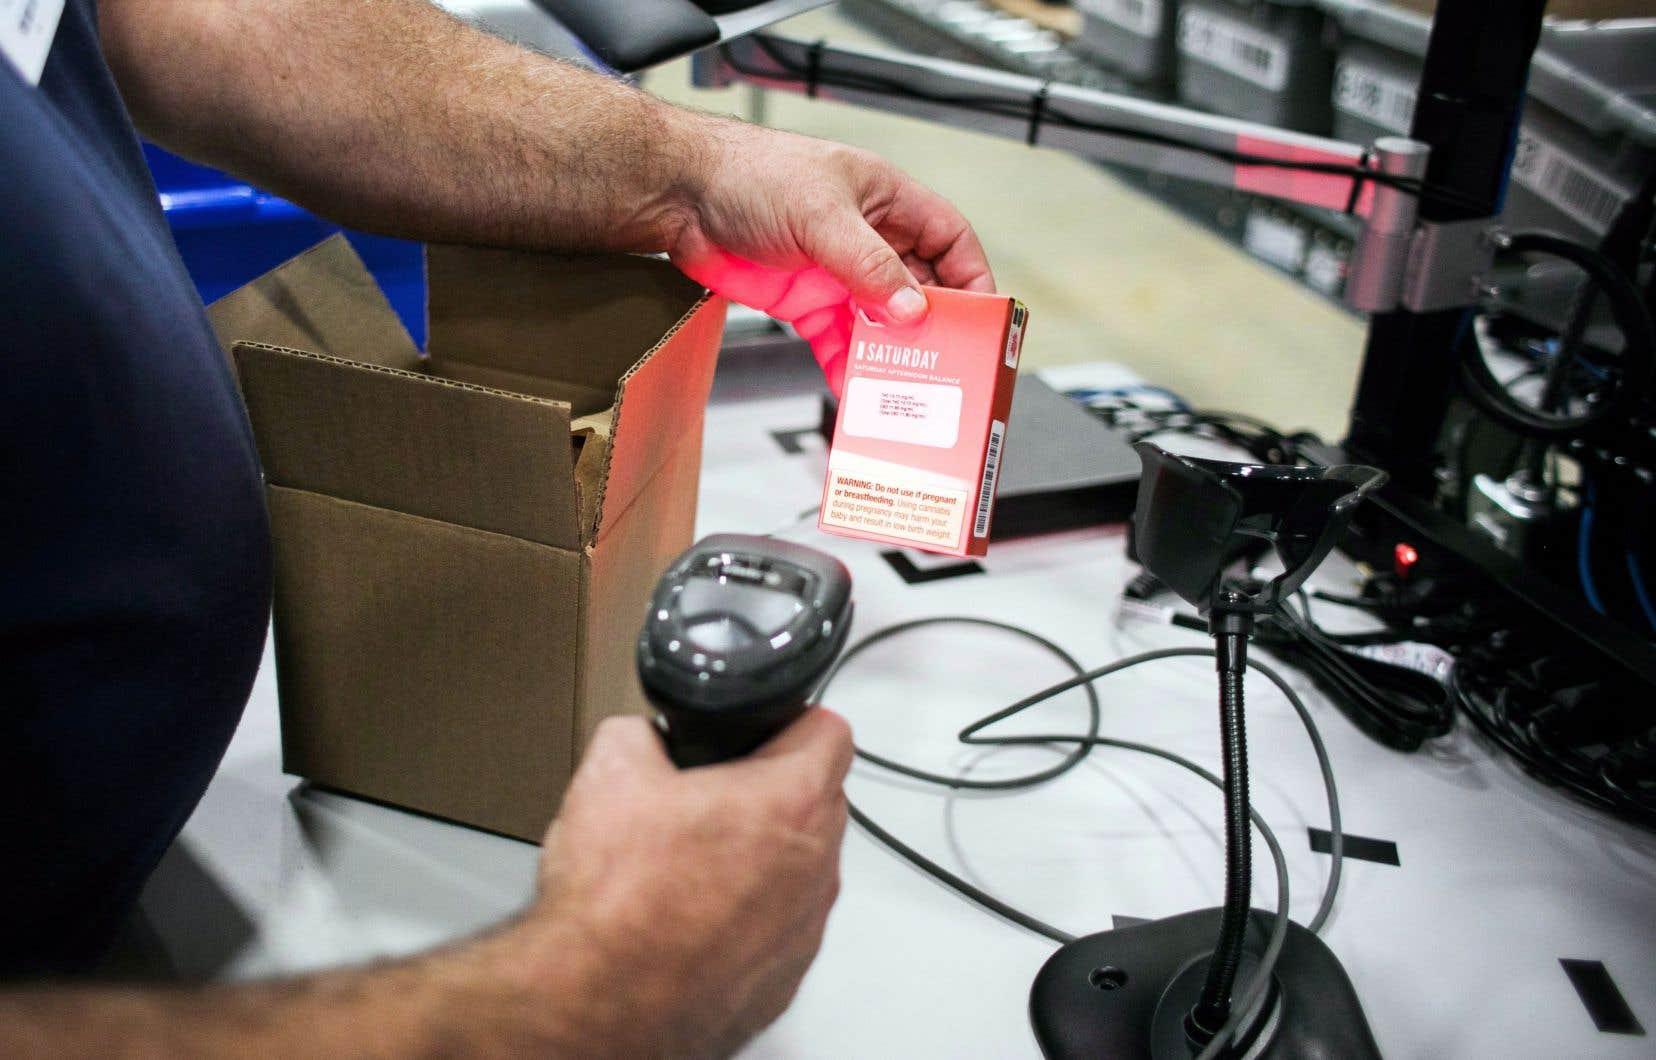 Pour la plupart des Canadiens, le premier achat de marijuana légale se fera probablement en un clic. Sur la photo, un employé d'un centre ontarien de distribution de cannabis teste la fiabilité du système de lecture du code à barres.